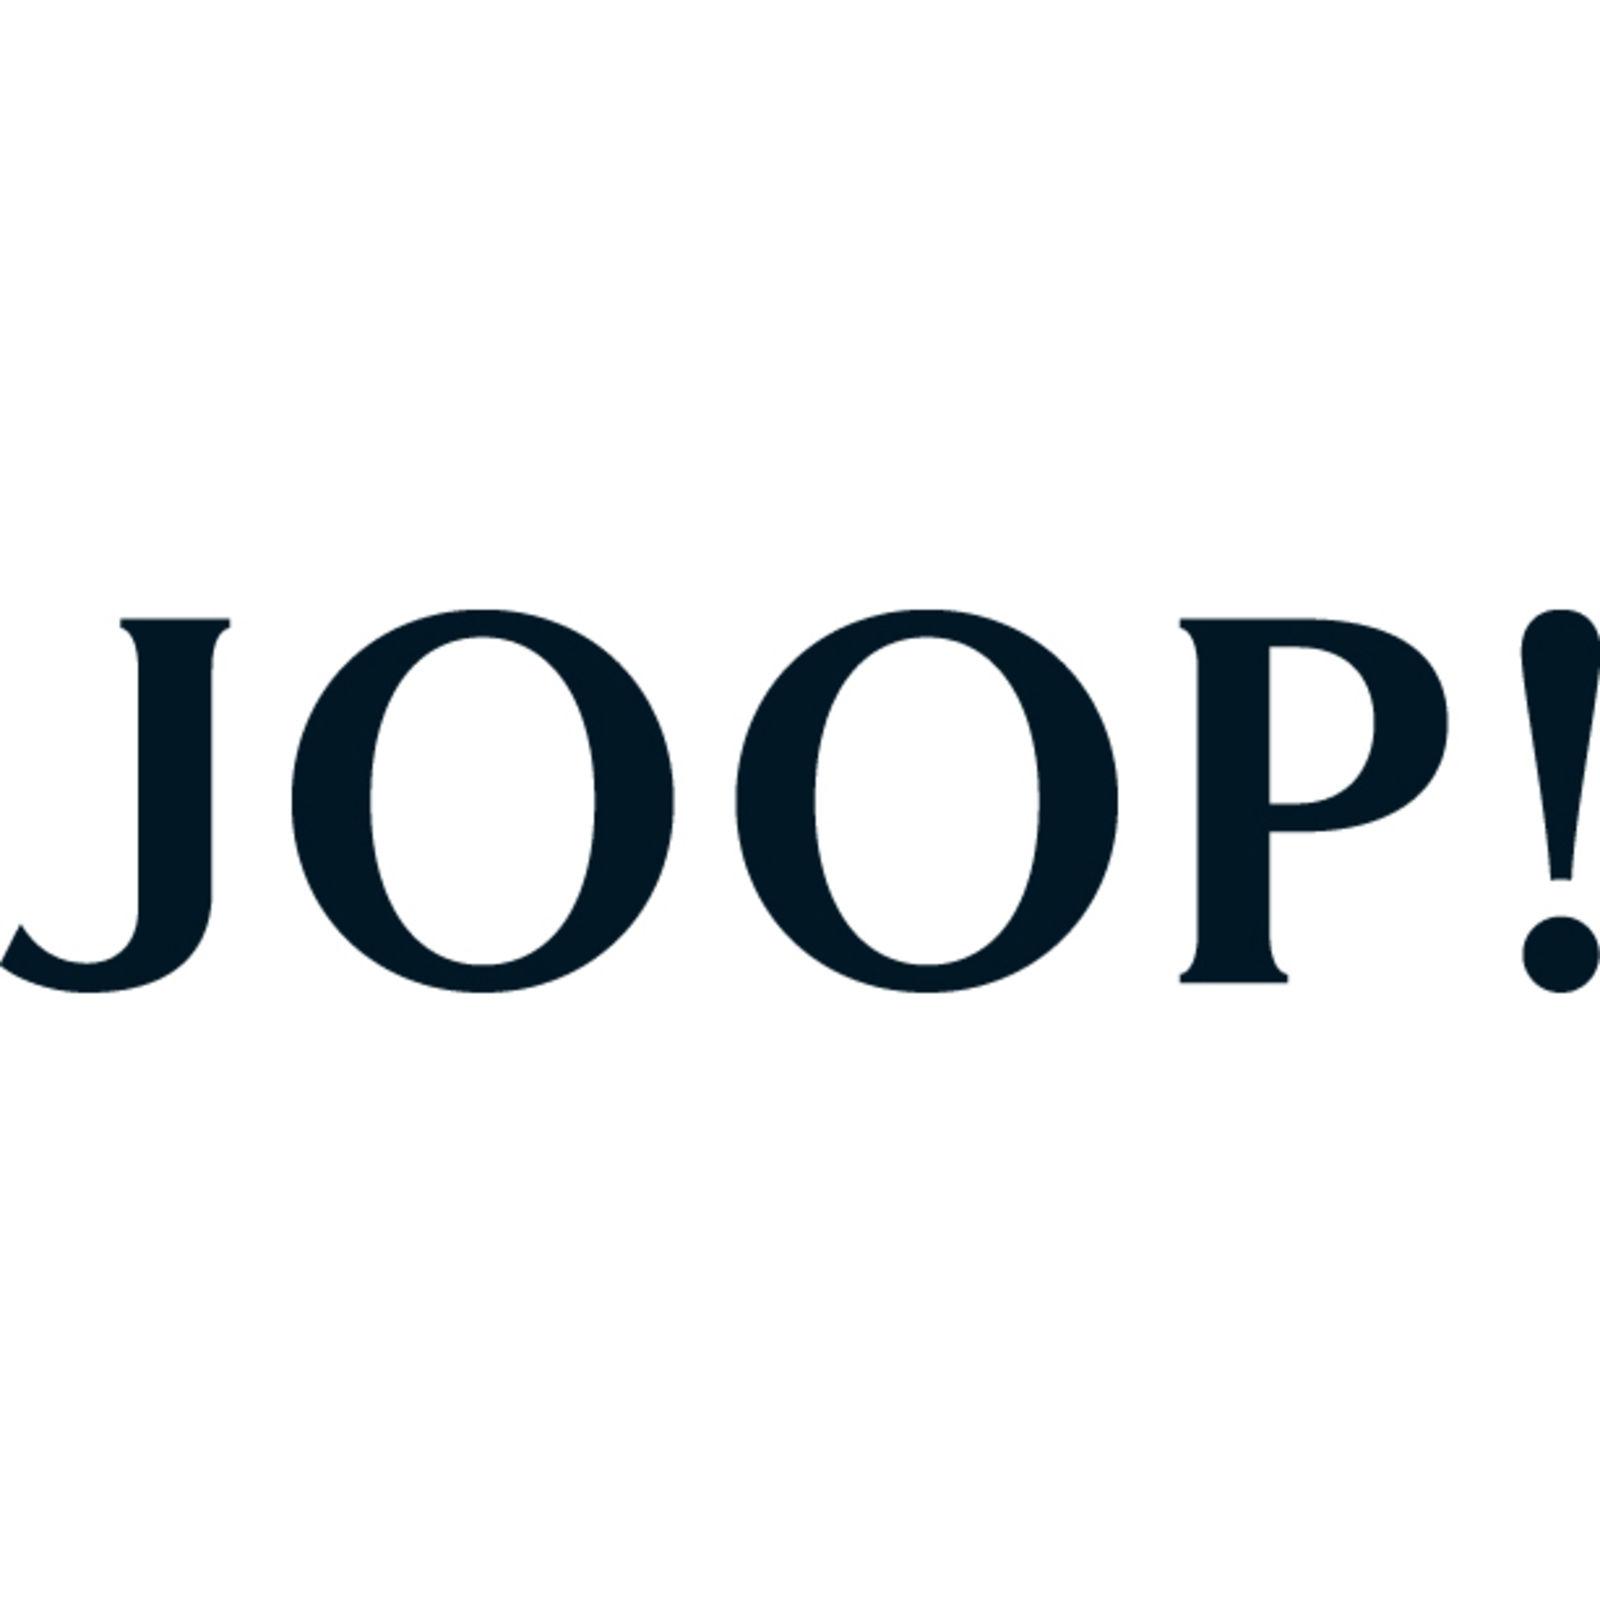 JOOP! (Bild 1)